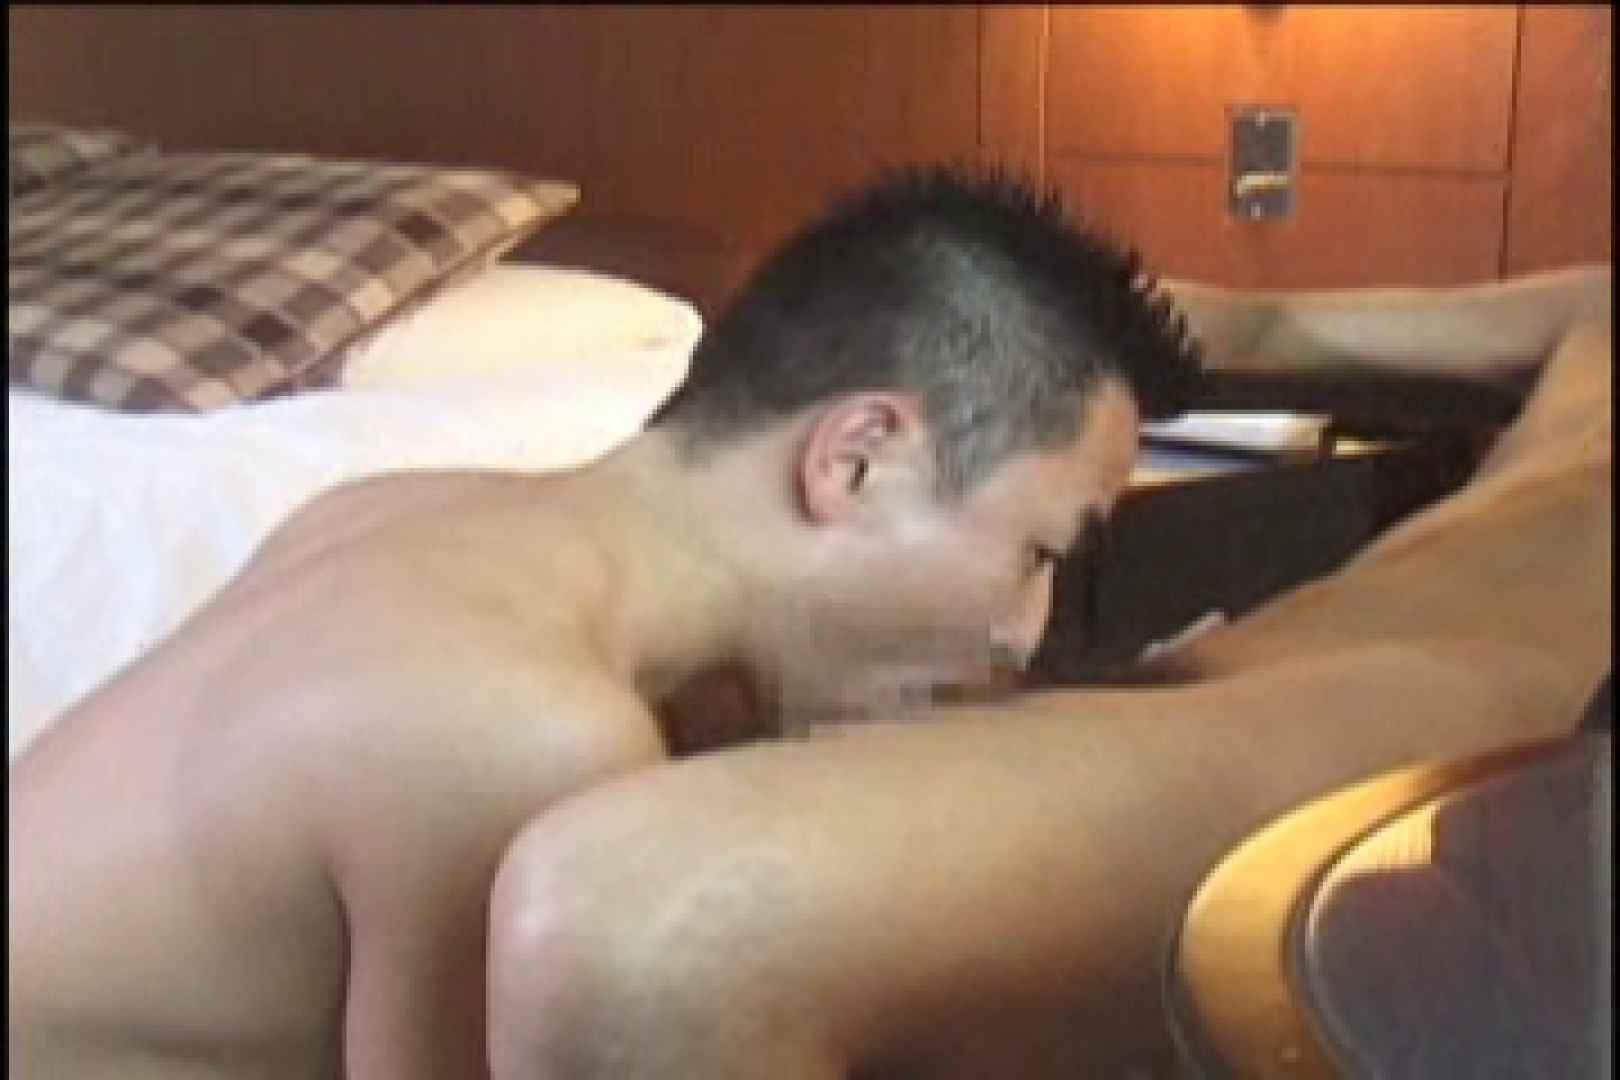 光り輝く男たちのロマンシングメモリー!!vol.09 肉まつり | フェラ天国 ゲイ無修正画像 79pic 10